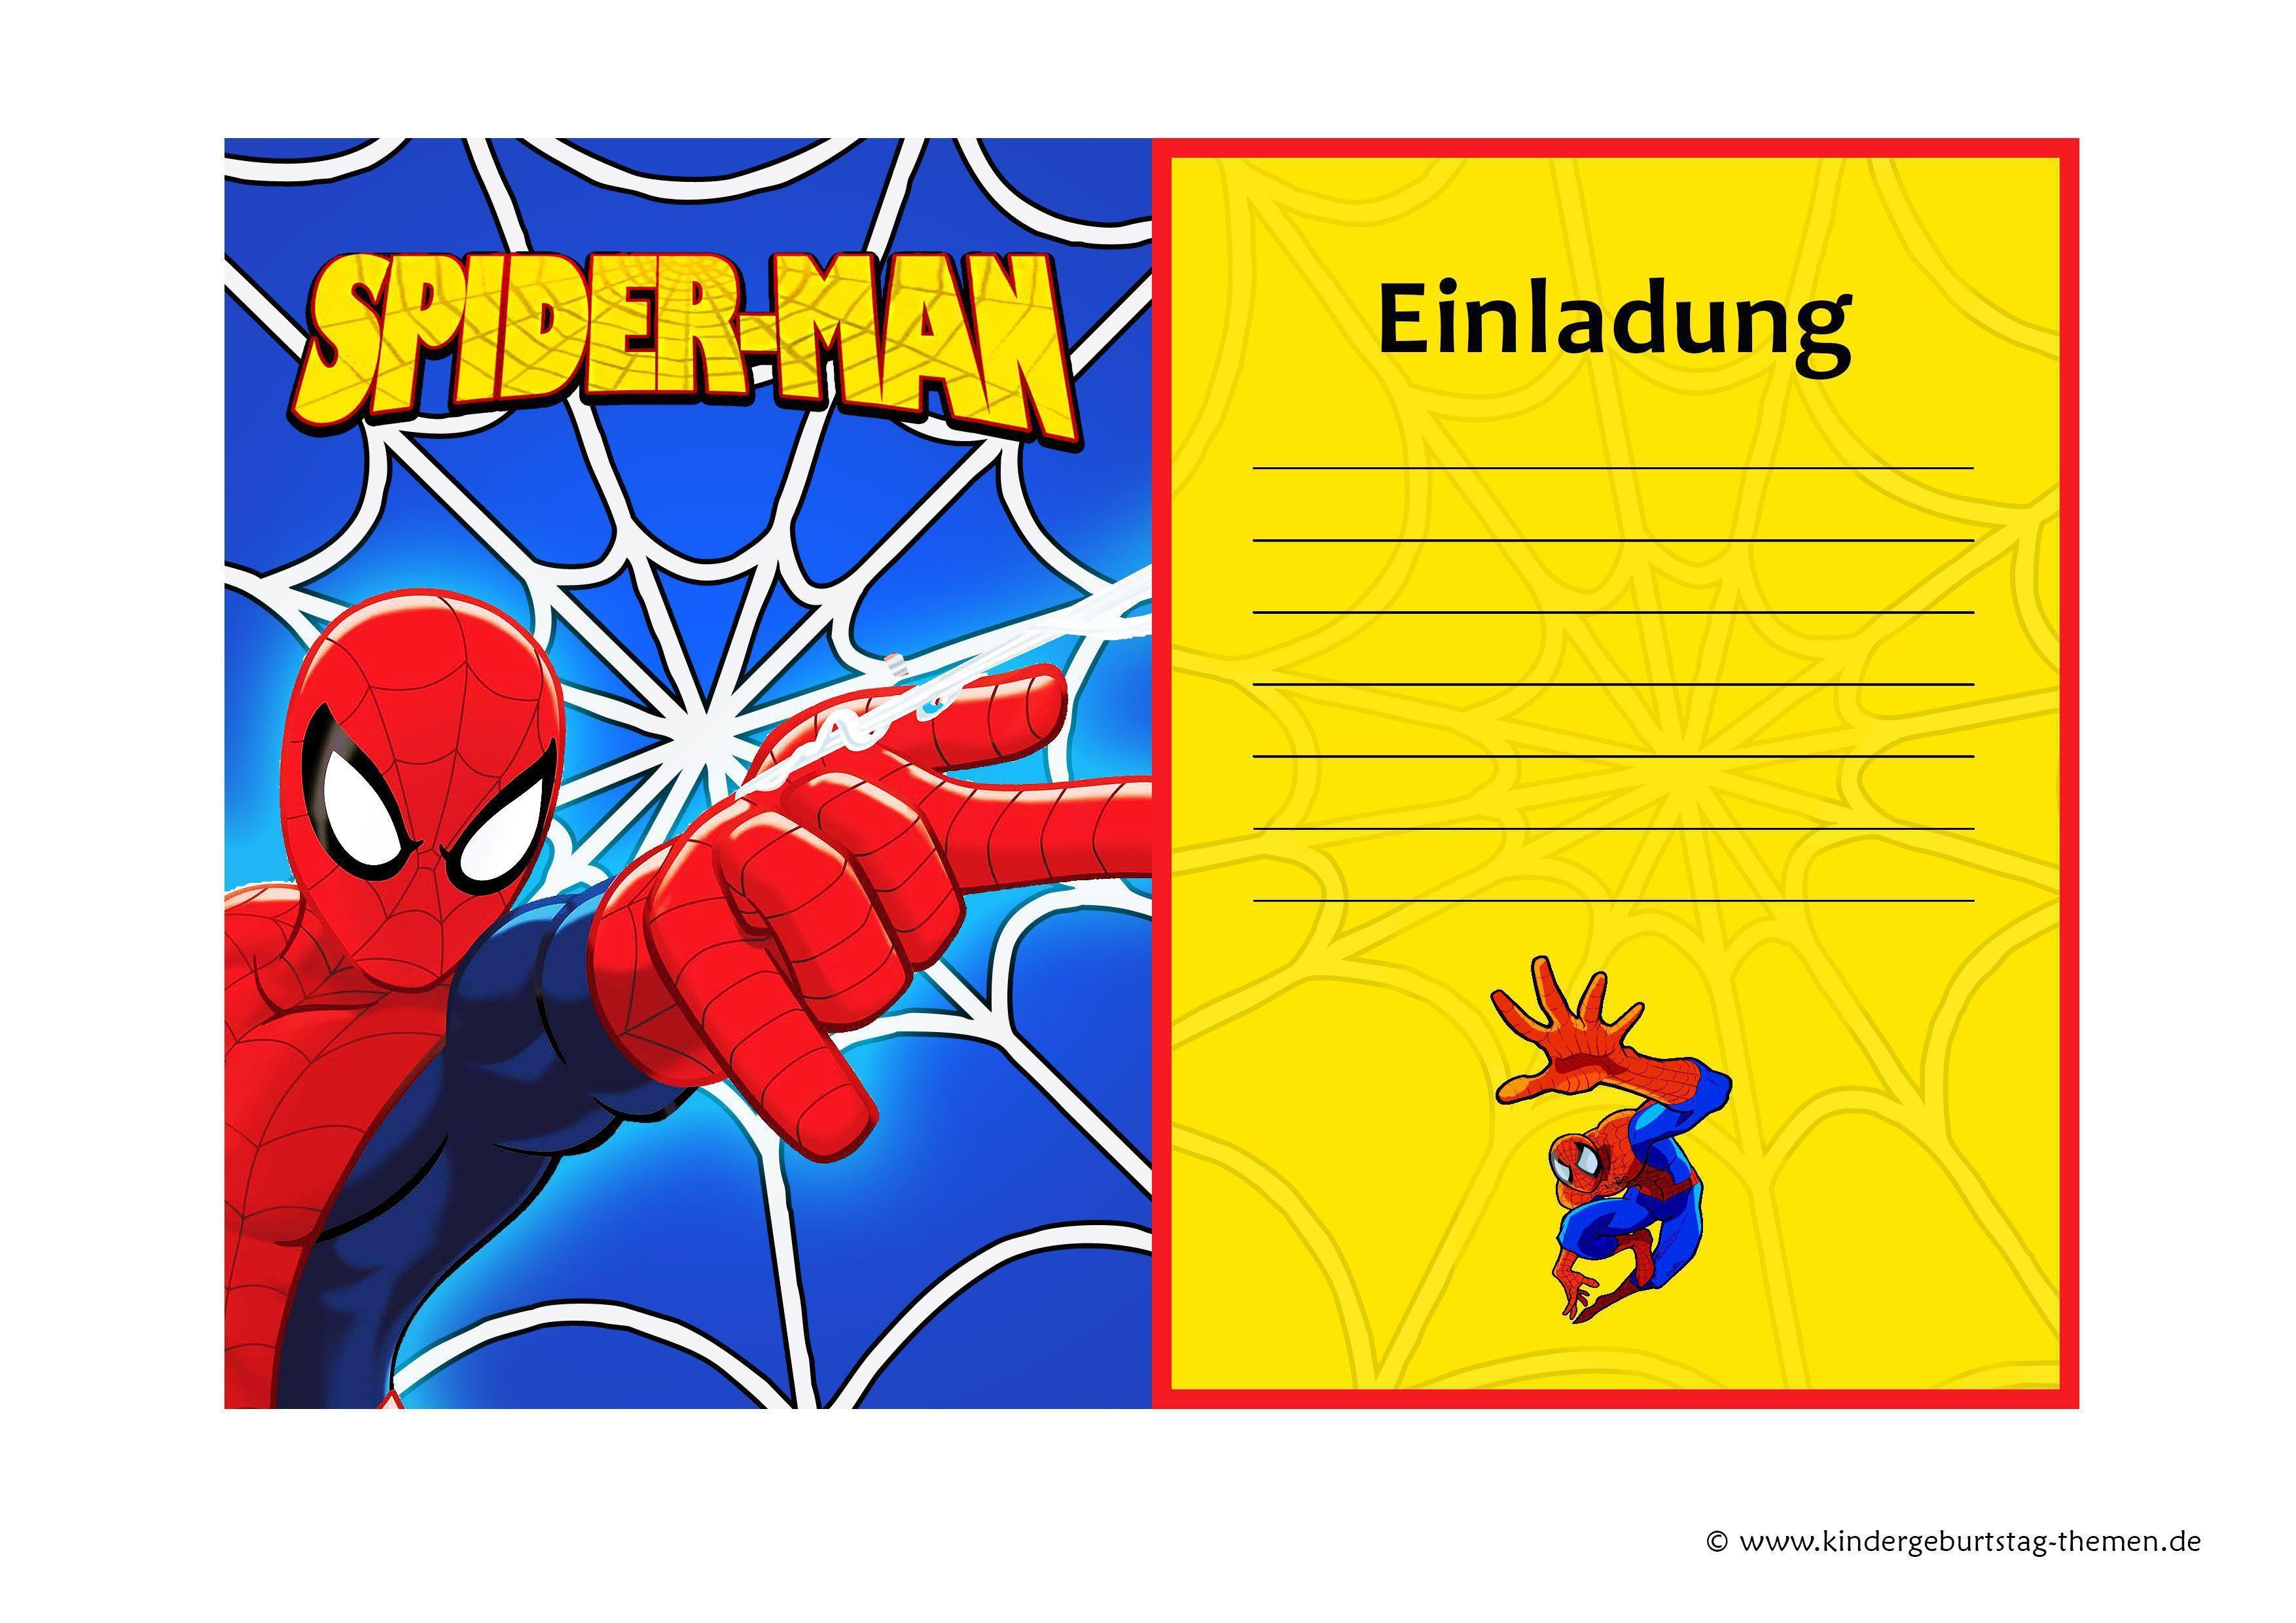 Einladungskarten Für Geburtstag Einladungskarten Für: Geburtstagseinladungen Kinder Kostenlos Ausdrucken